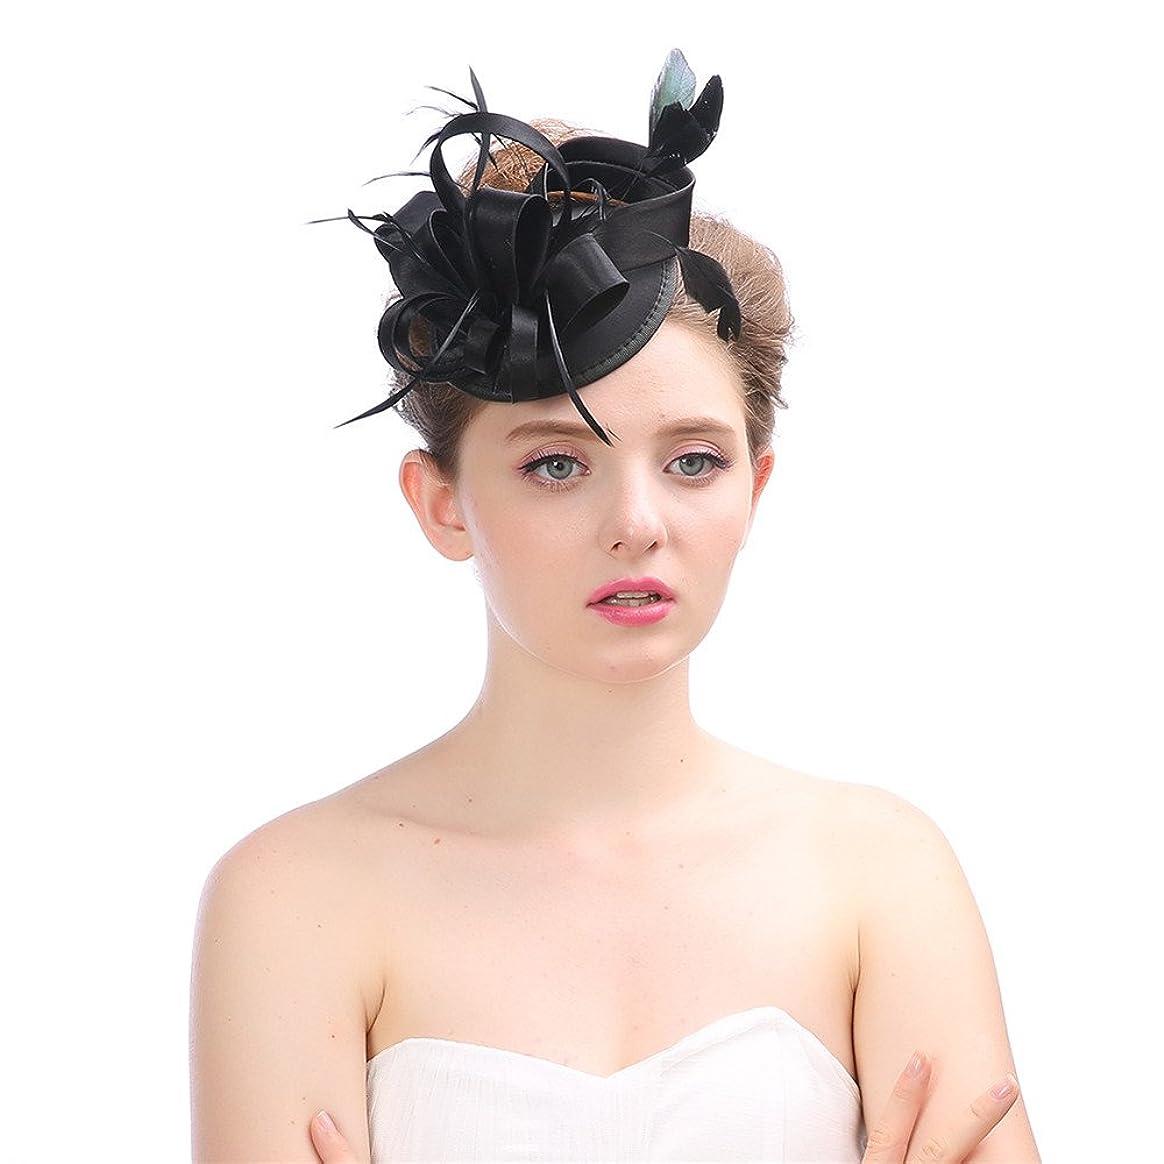 書誌苦しみサイレント女性の魅力的な帽子 女性のヴィンテージの魅力的なカクテルパーティーパーティー帽子羽花ヘアクリップヘアバンド花嫁シナマイパーティー結婚式 (色 : Grey)